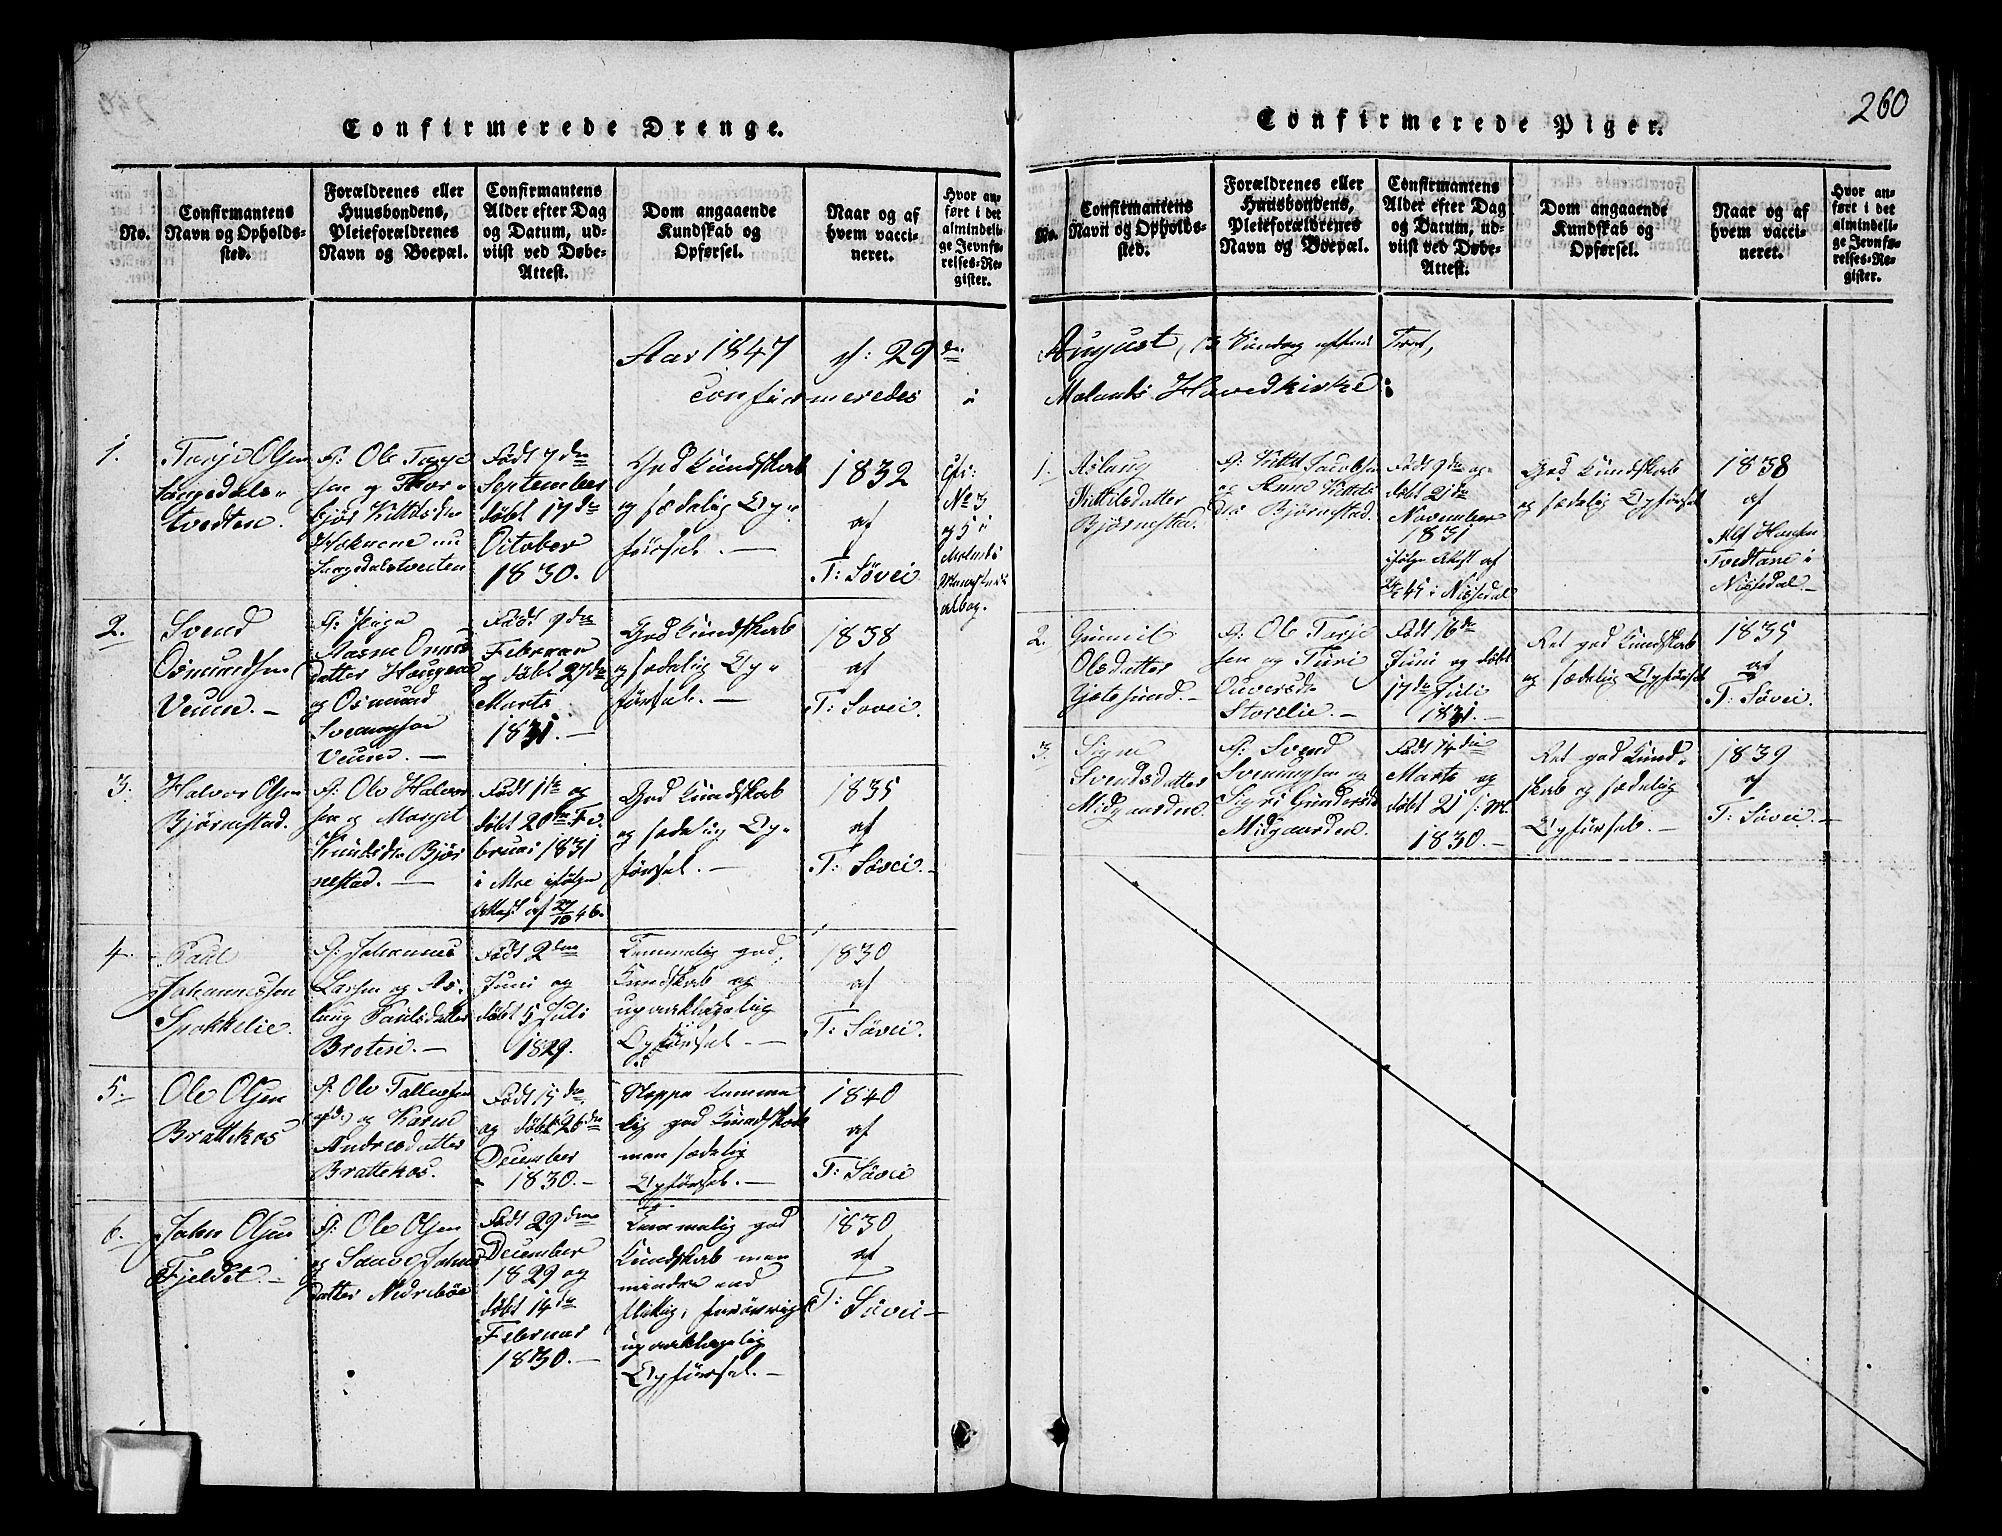 SAKO, Fyresdal kirkebøker, G/Ga/L0003: Klokkerbok nr. I 3, 1815-1863, s. 260